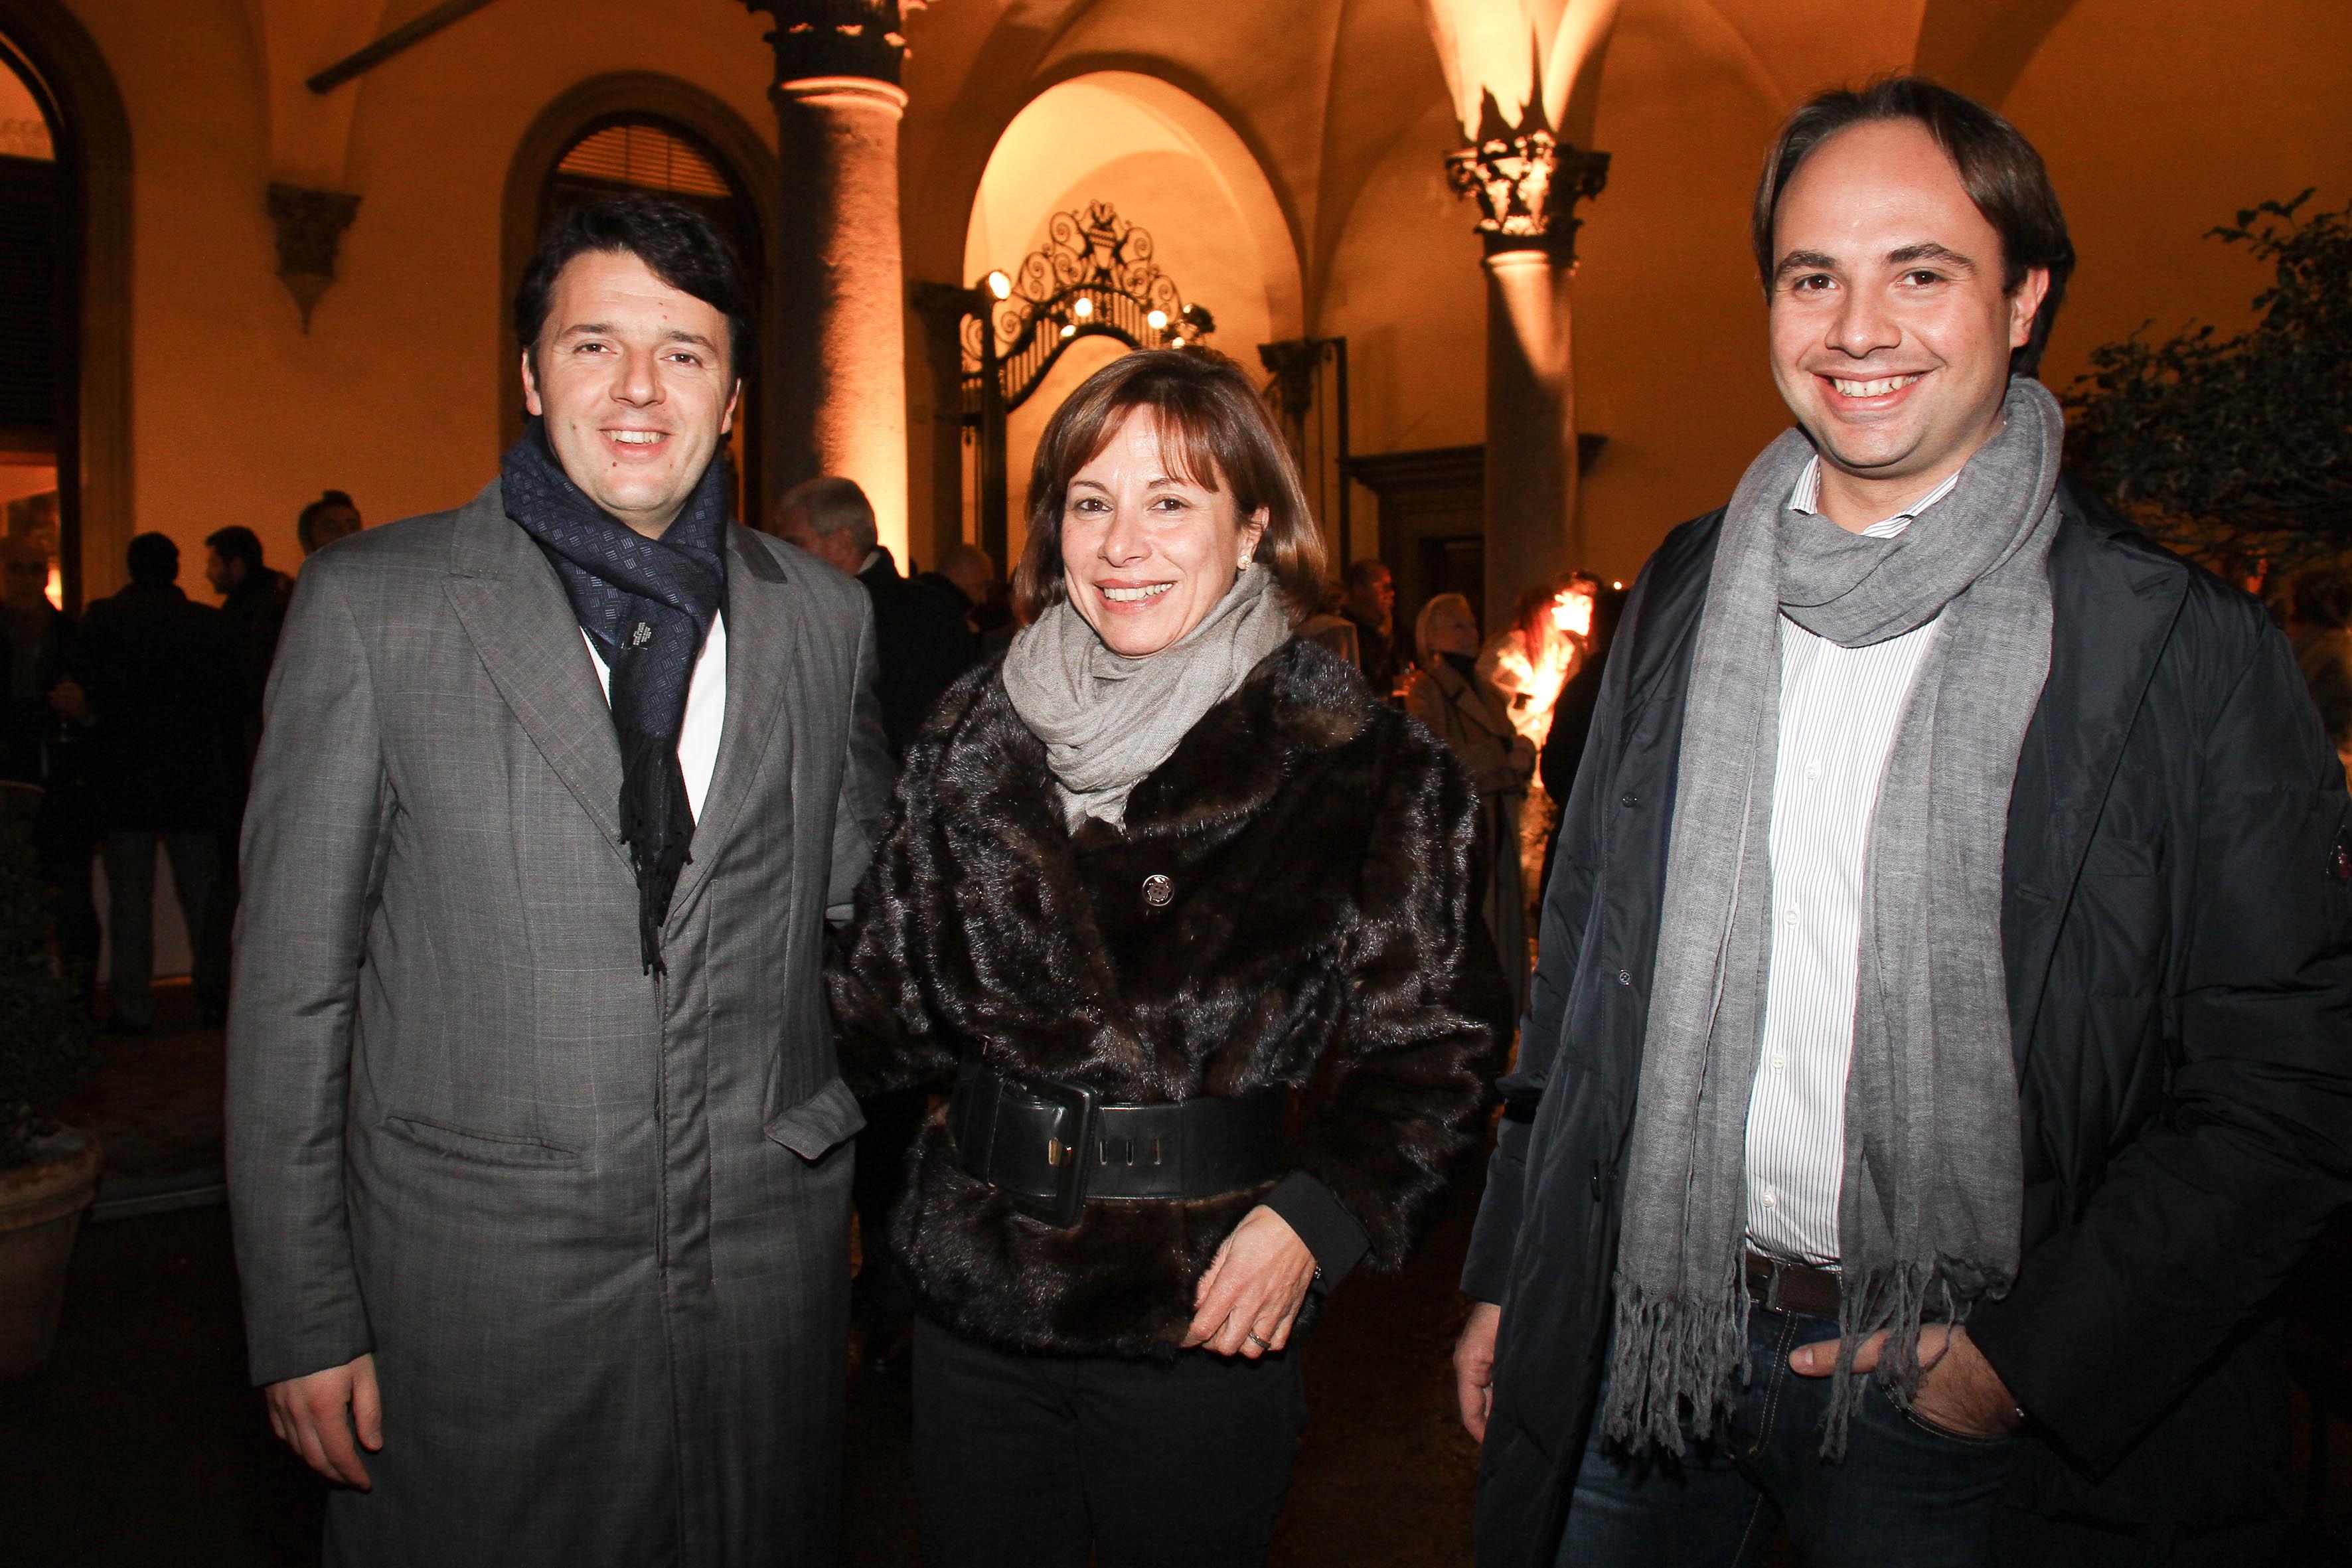 PRESSPHOTO  Firenze, Palazzo Antinori, festa Roy Rogers. Nella foto Patrizia e Niccolò Biondi con Renzi